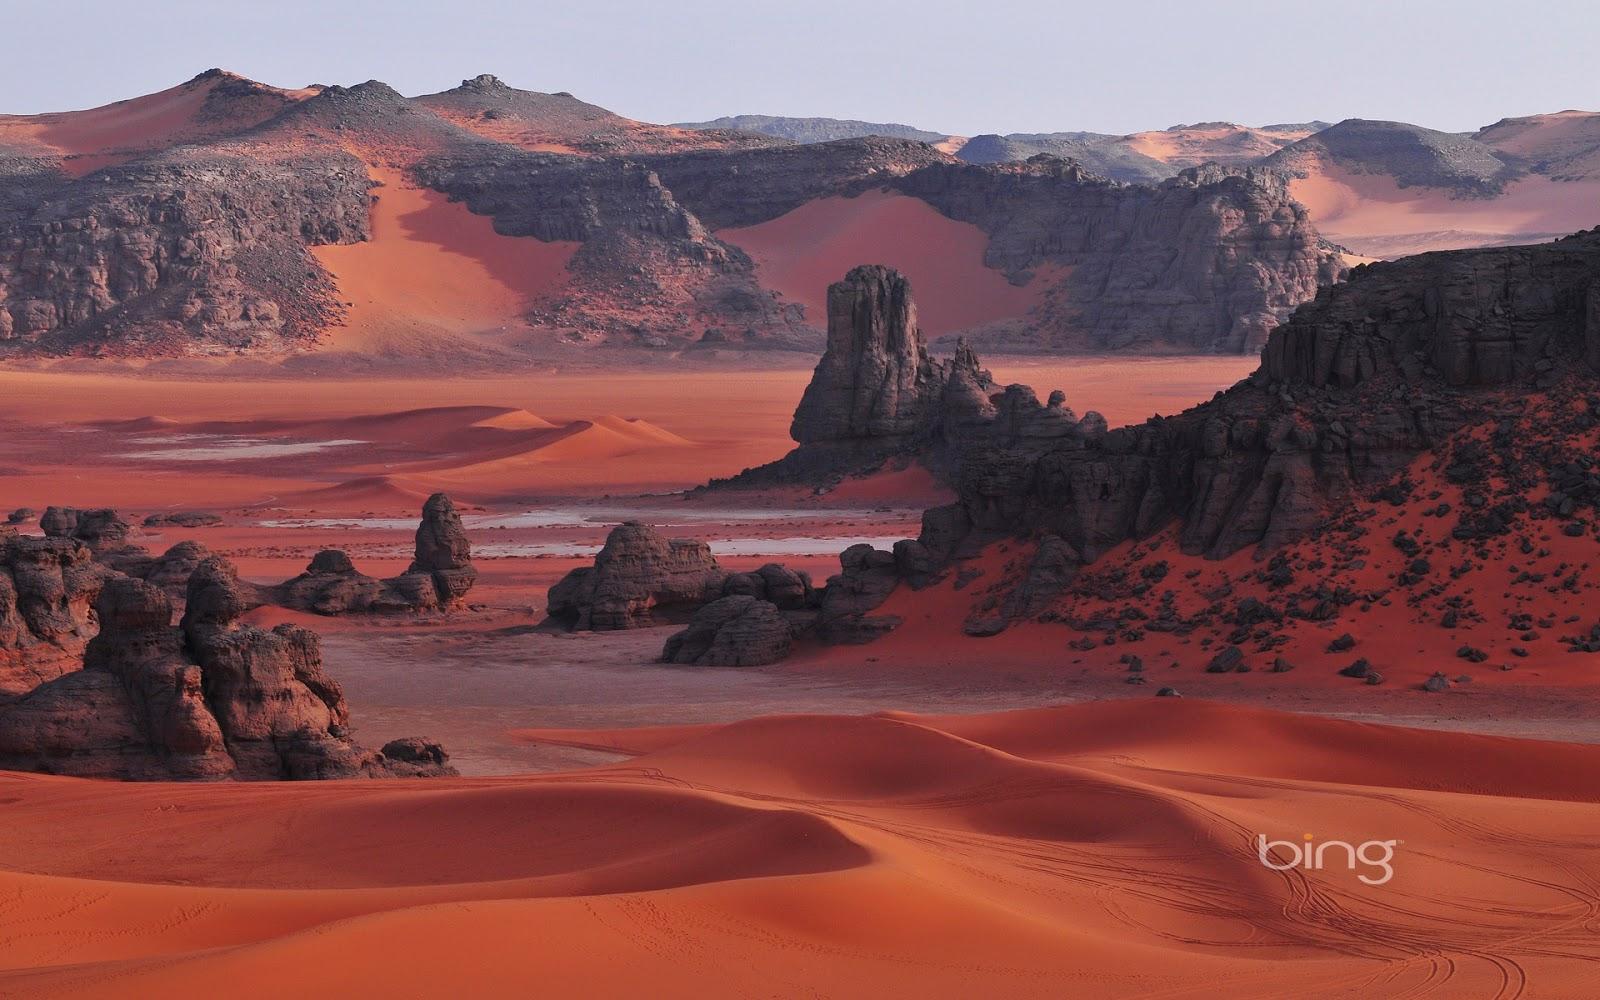 Tassili n'Ajjer National Park in the Sahara, Algeria (© Gil Giuglio ...